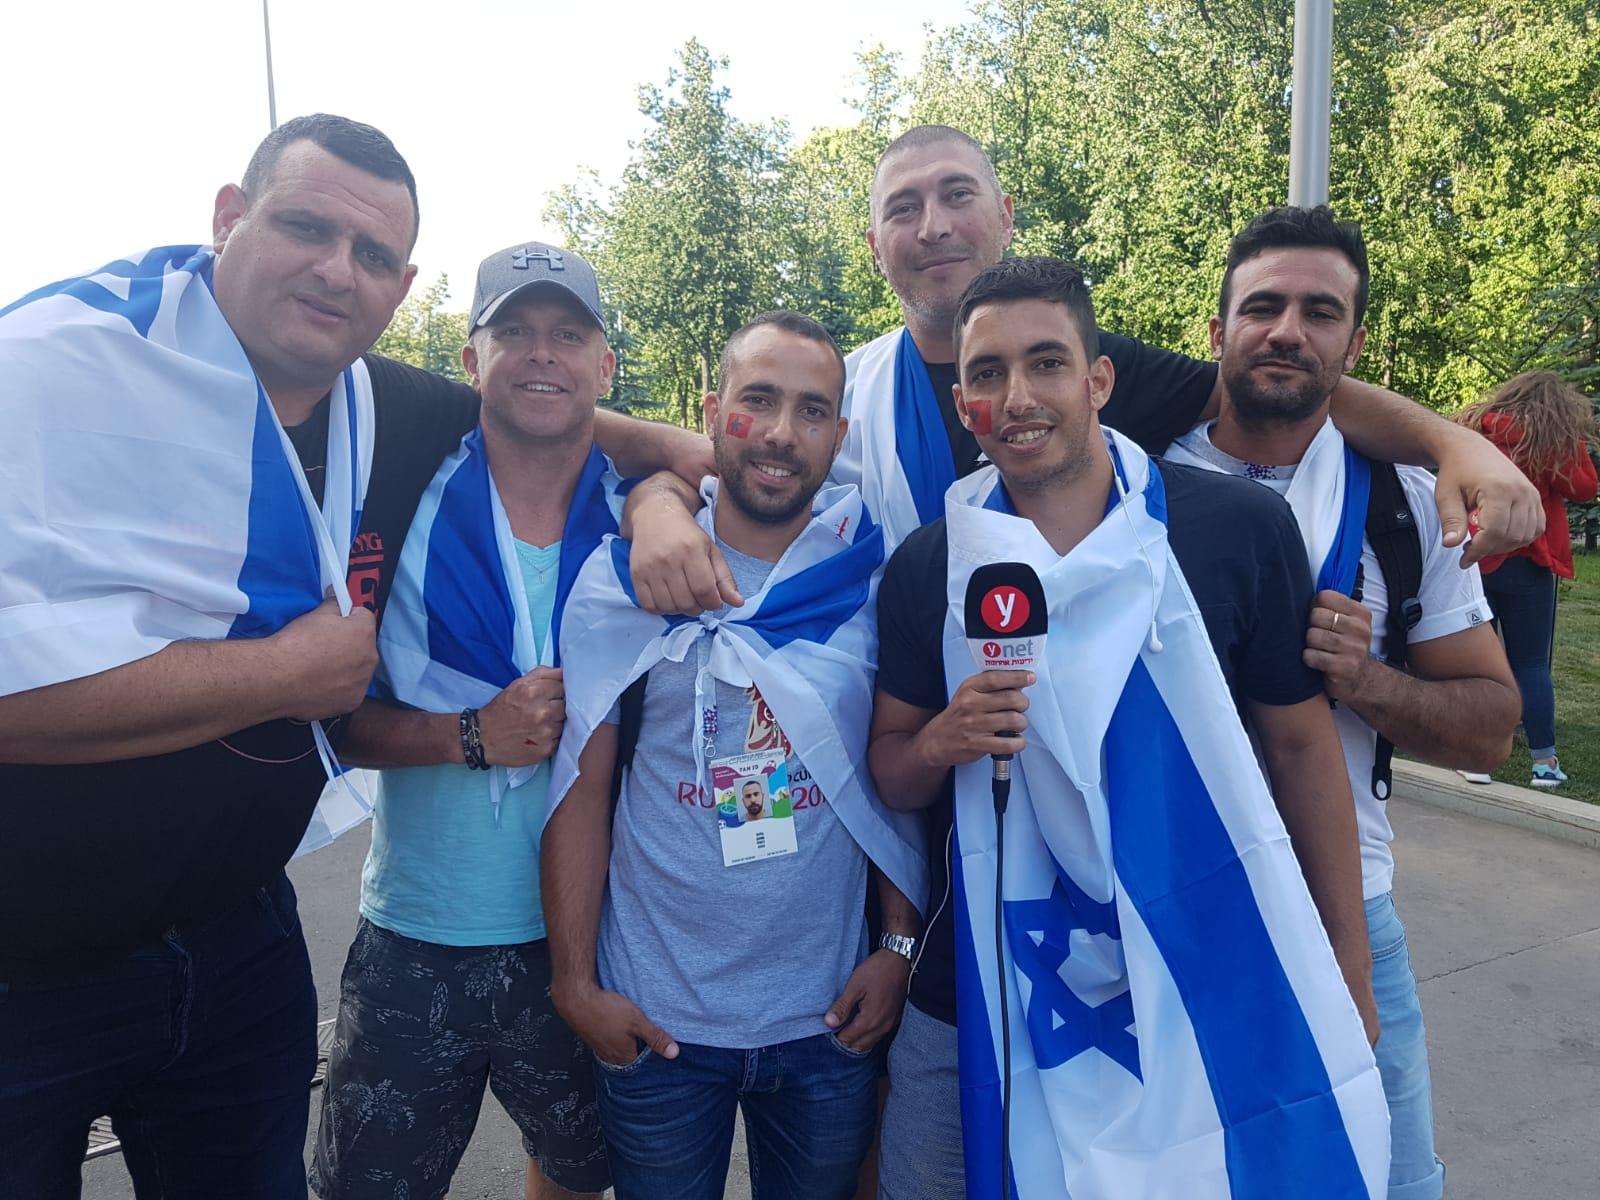 אוהדים ישראלים במונדיאל 2018 (צילום: עמיר פלג)